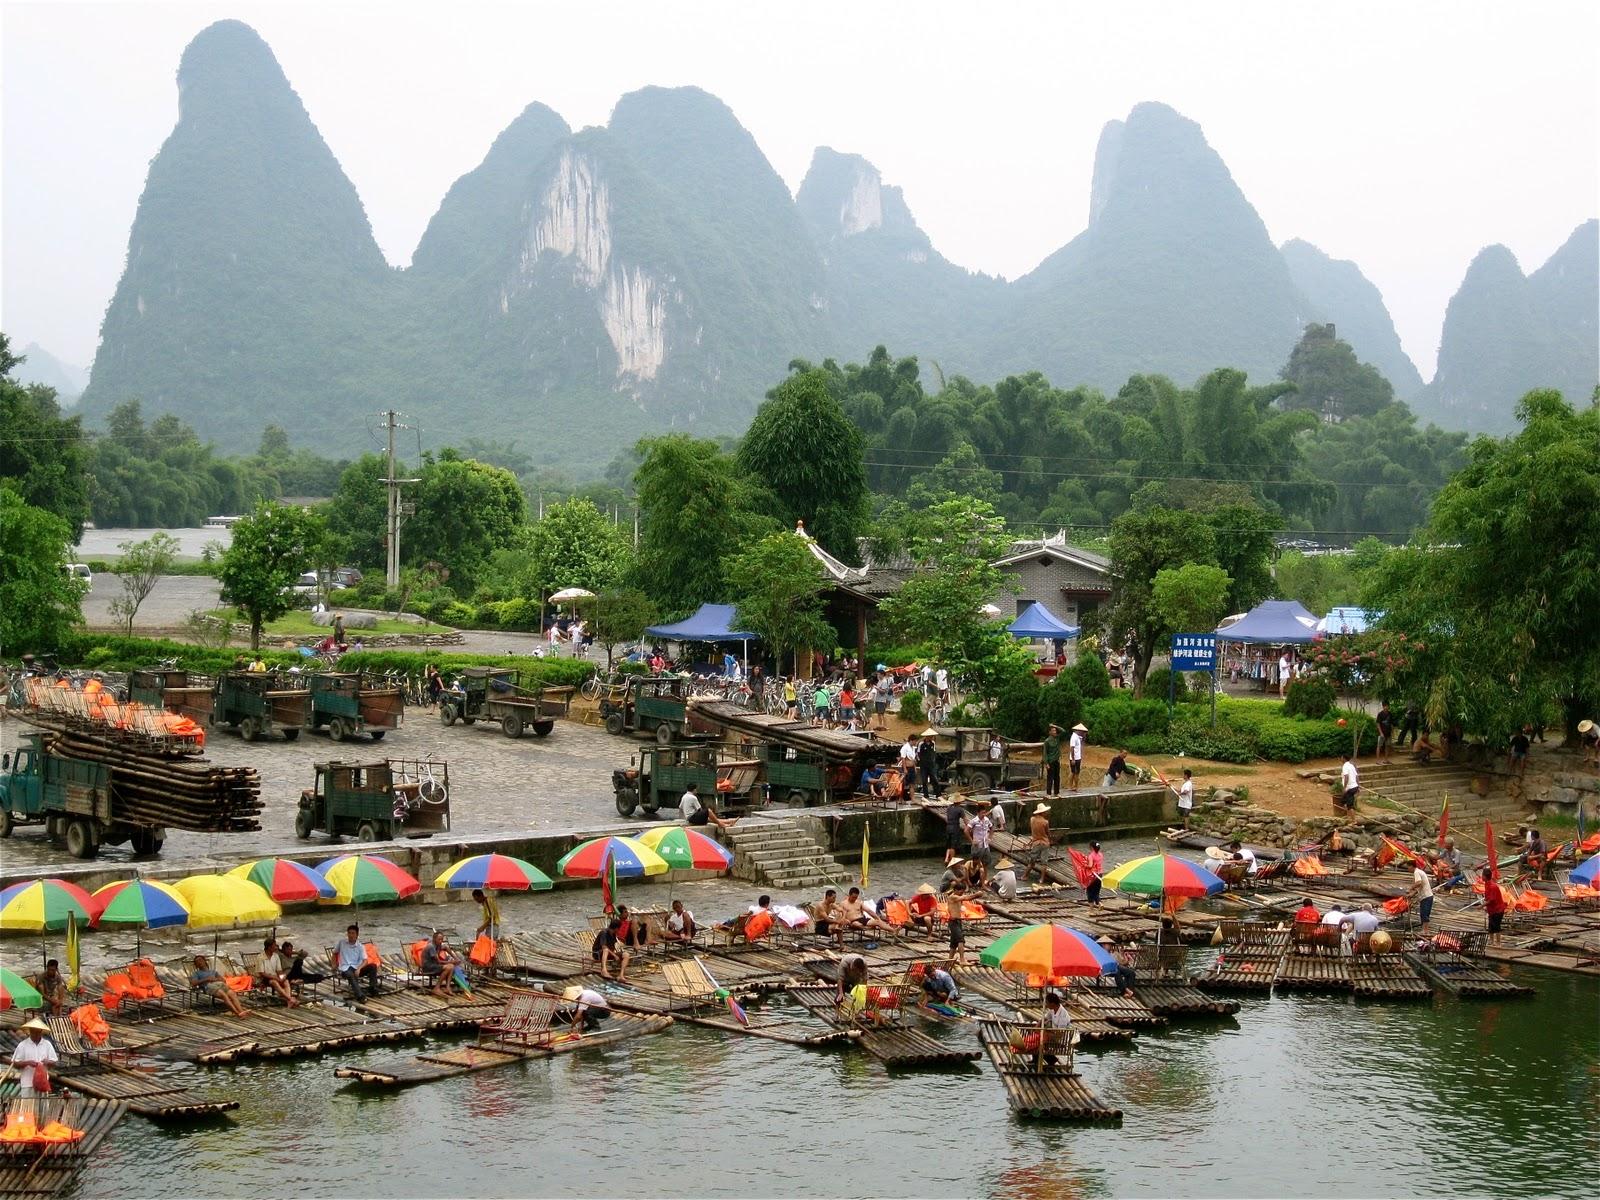 July 29 2010 Yangshuo Guangxi China